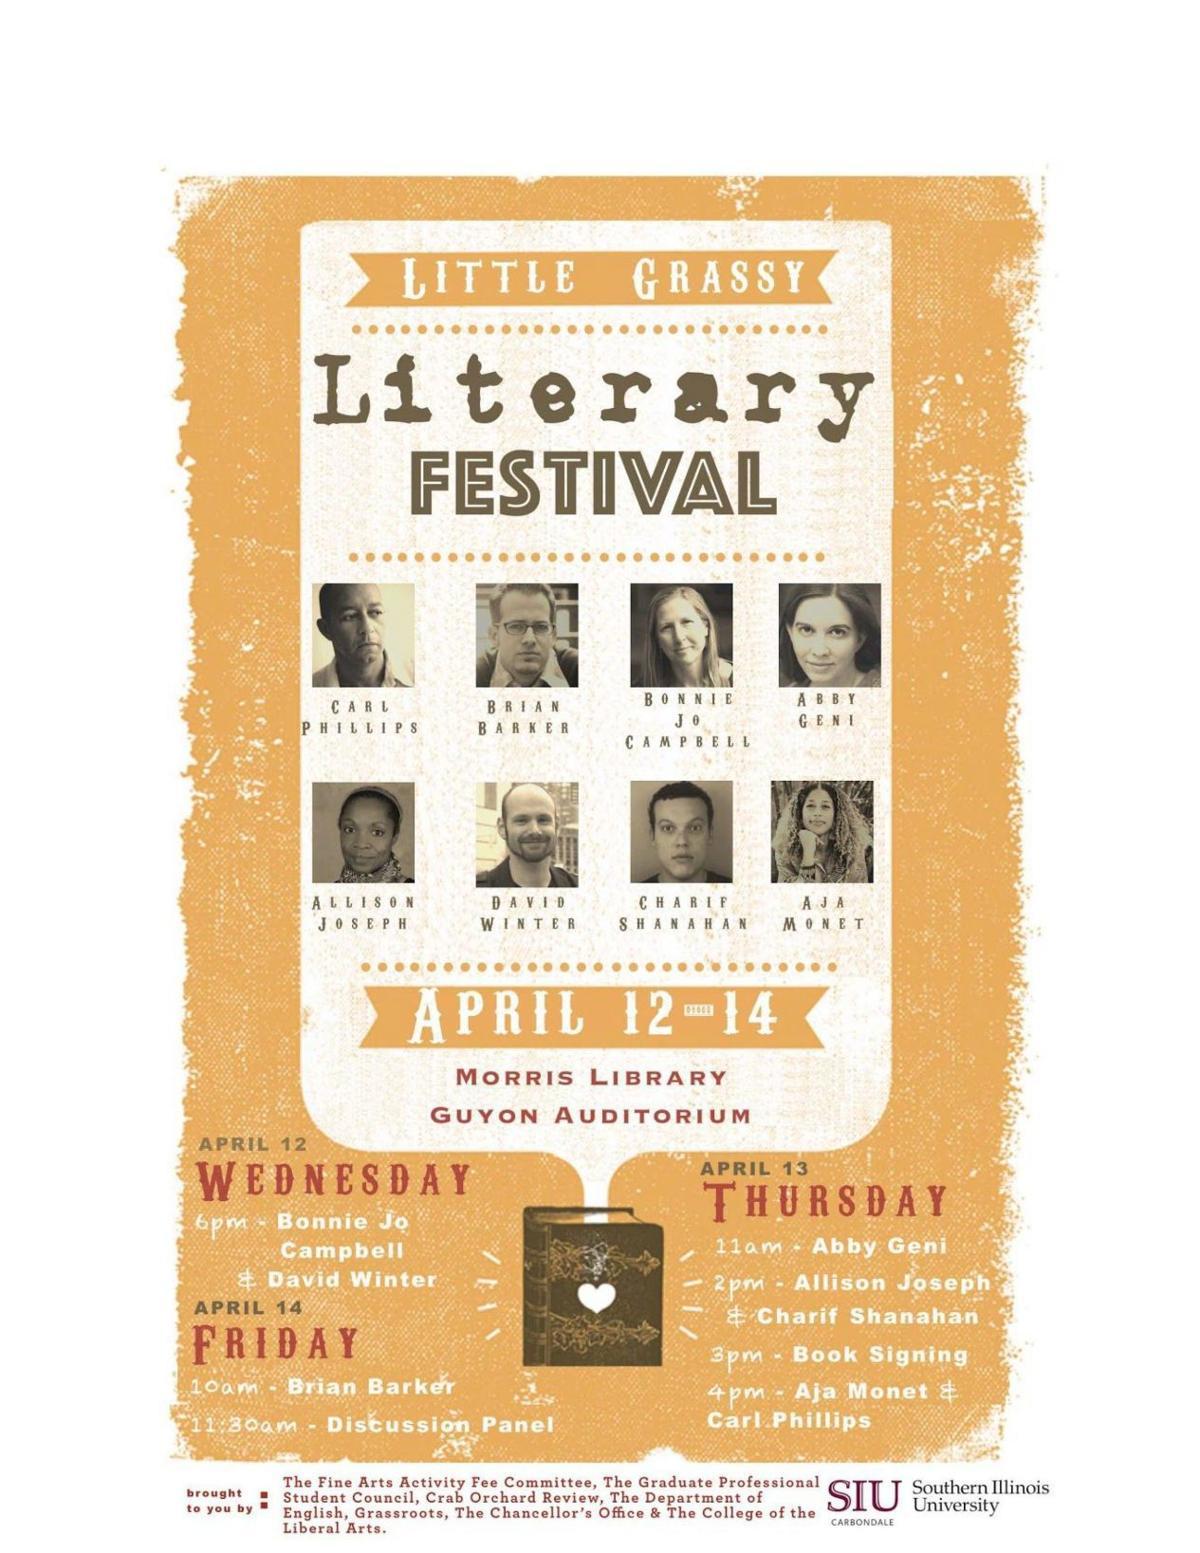 Little Grassy Literary Festival 2017